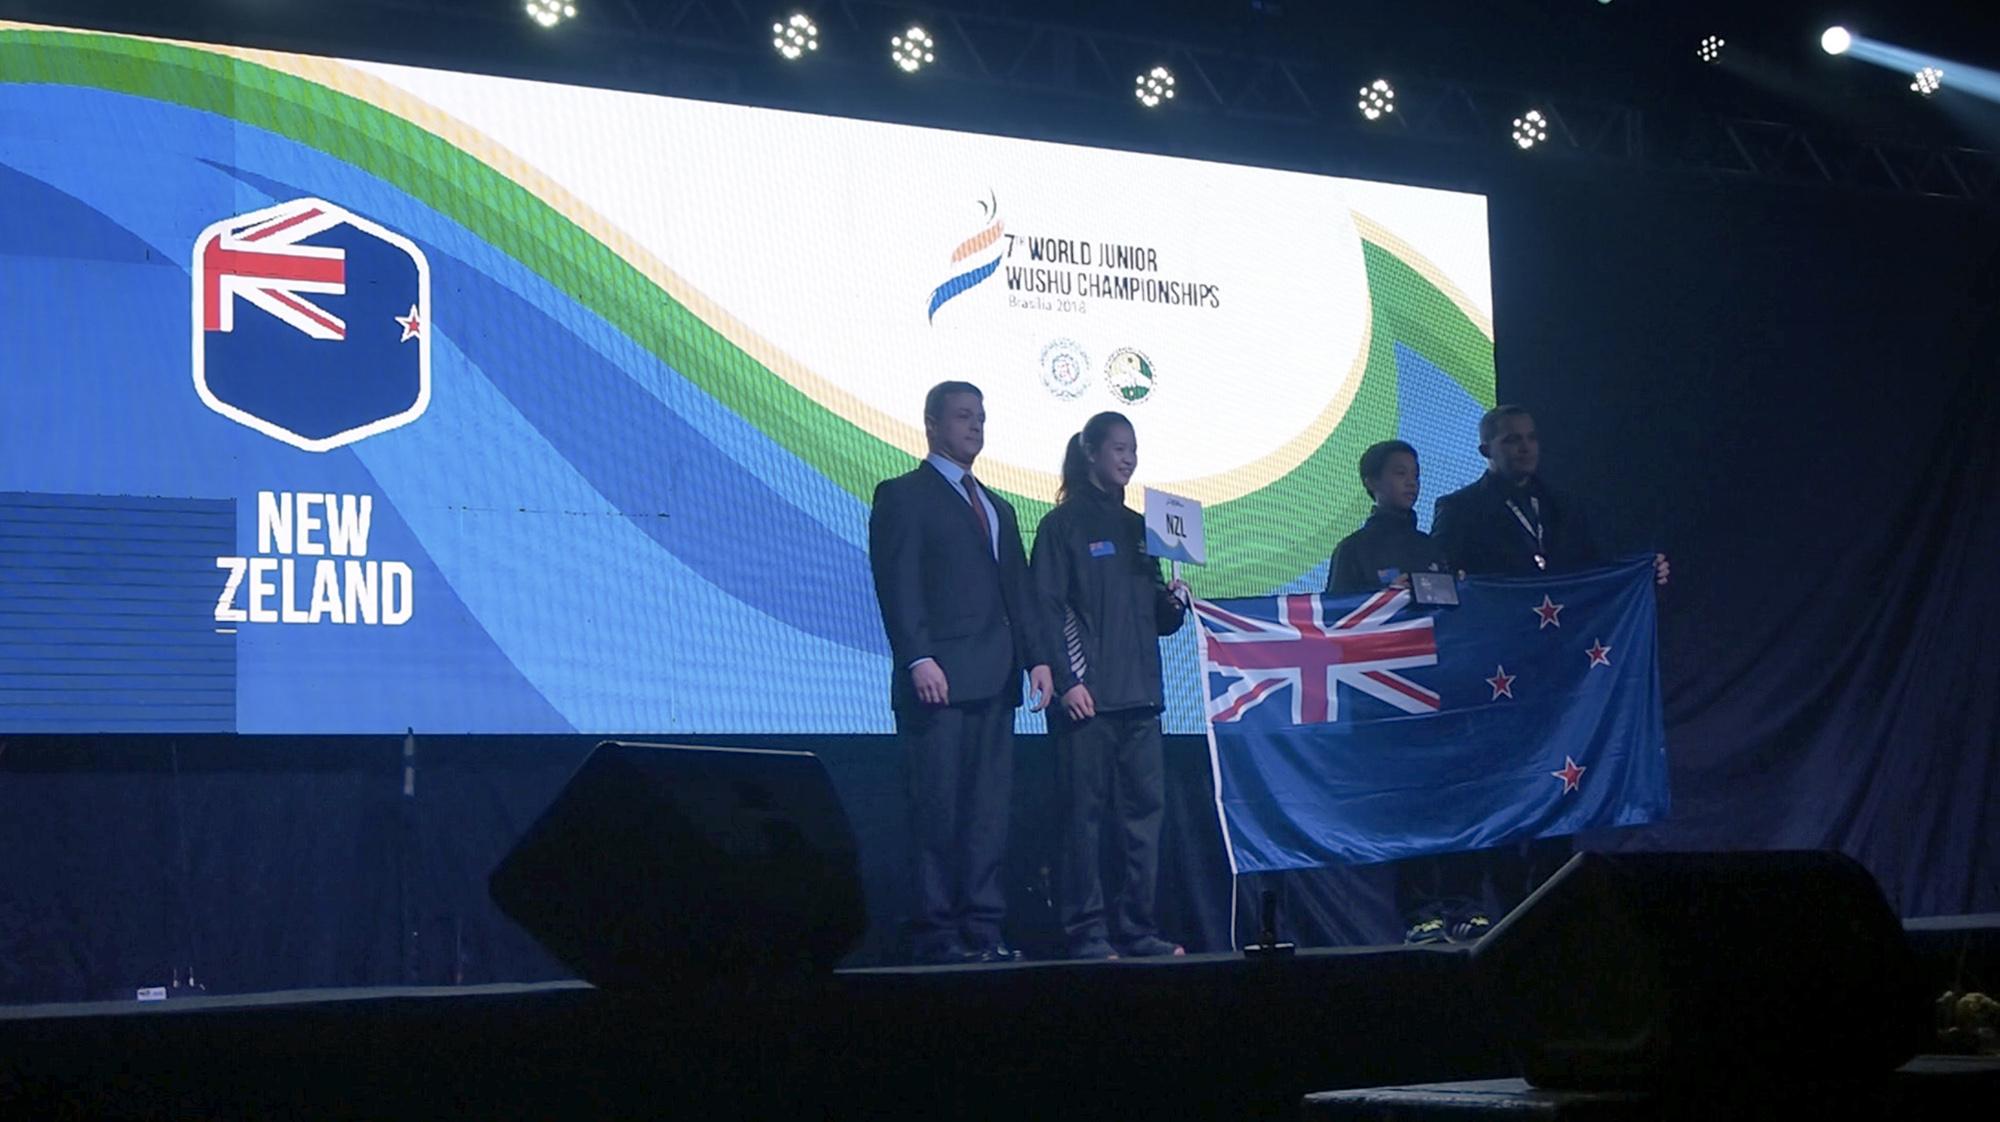 Opening ceremony NZL wix